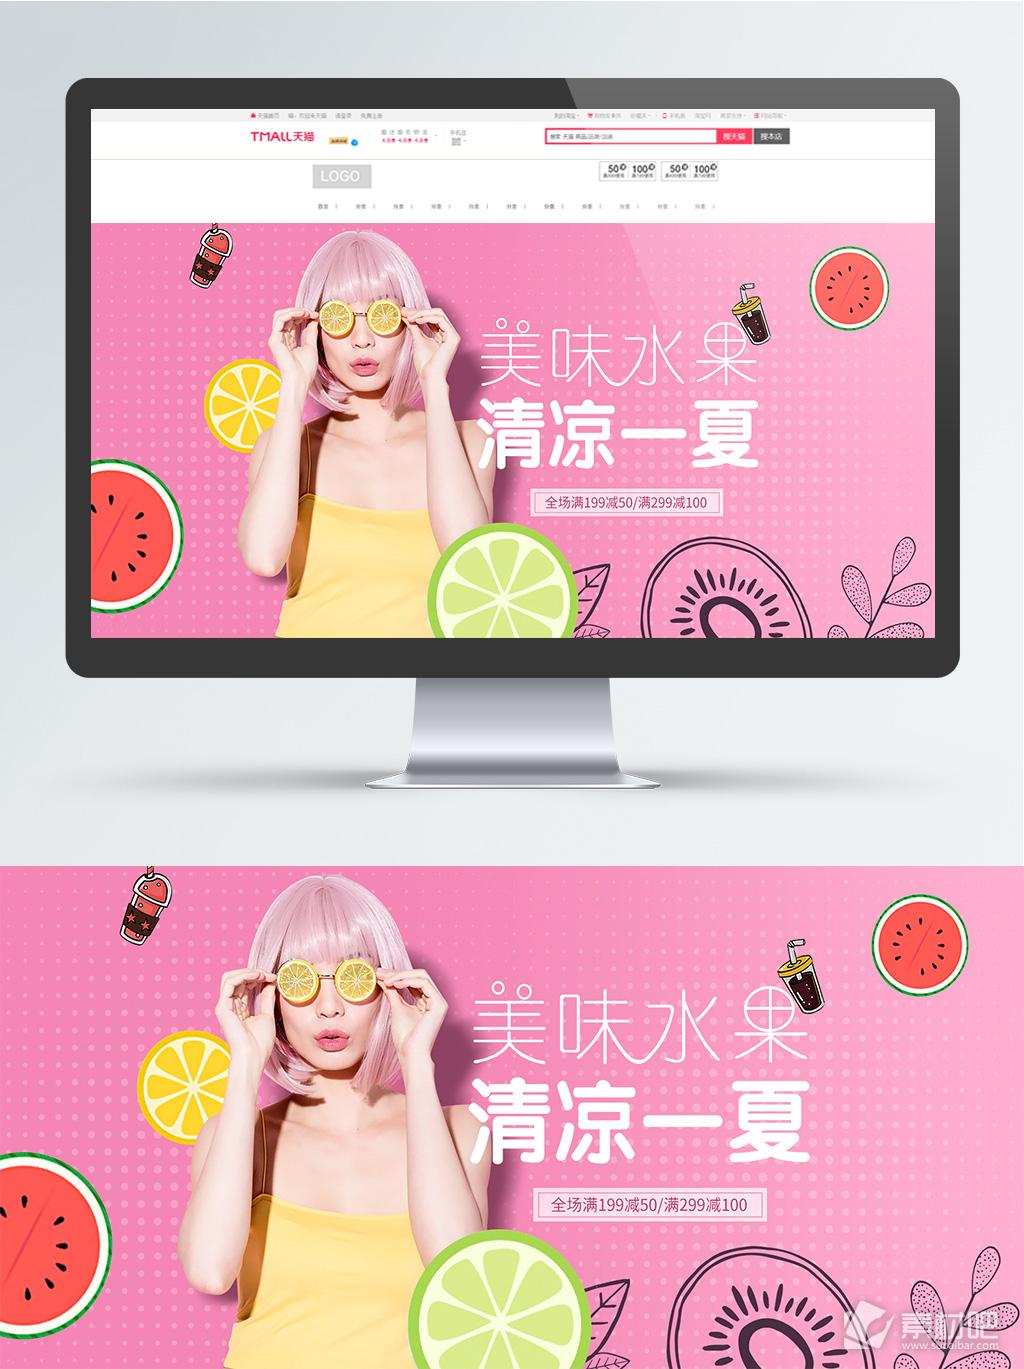 水果夏季粉色淘宝电商促销海报